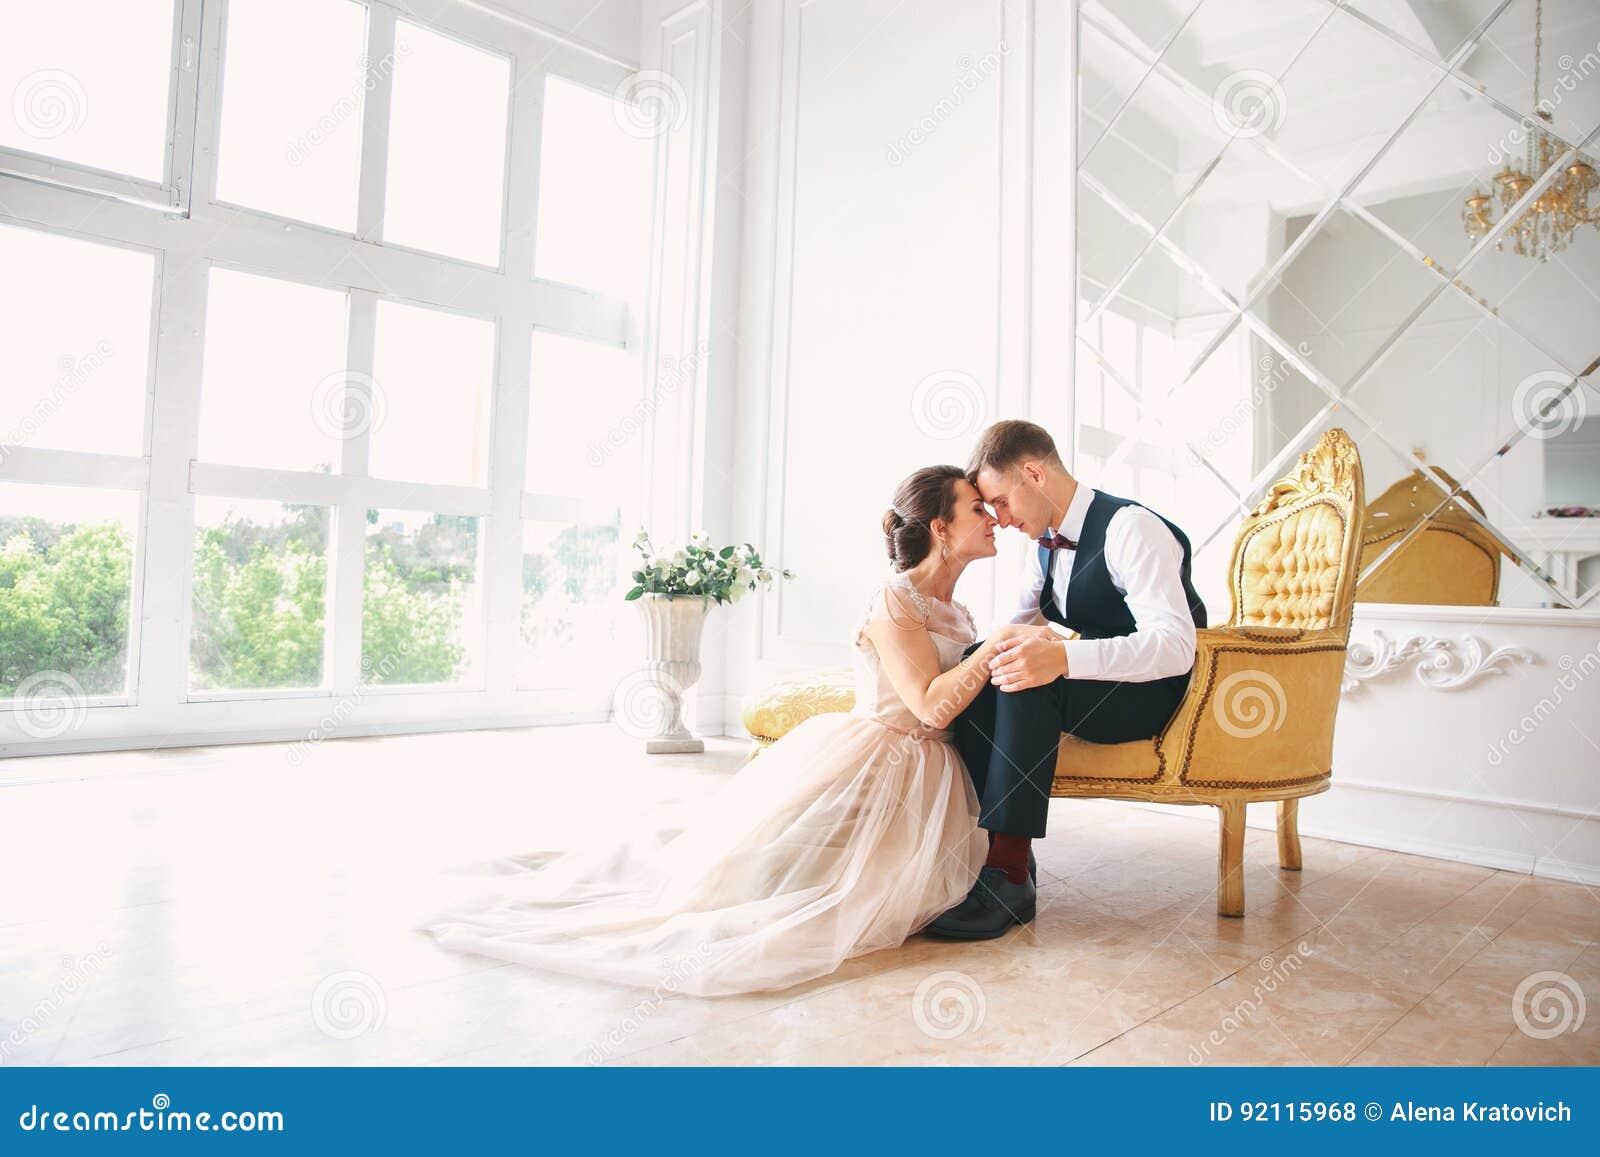 Γαμήλιο ζεύγος στο στούντιο ευτυχής εκλεκτής ποιότητας γάμος ημέρας ζευγών ιματισμού Ευτυχείς νέοι νύφη και νεόνυμφος στη ημέρα γ